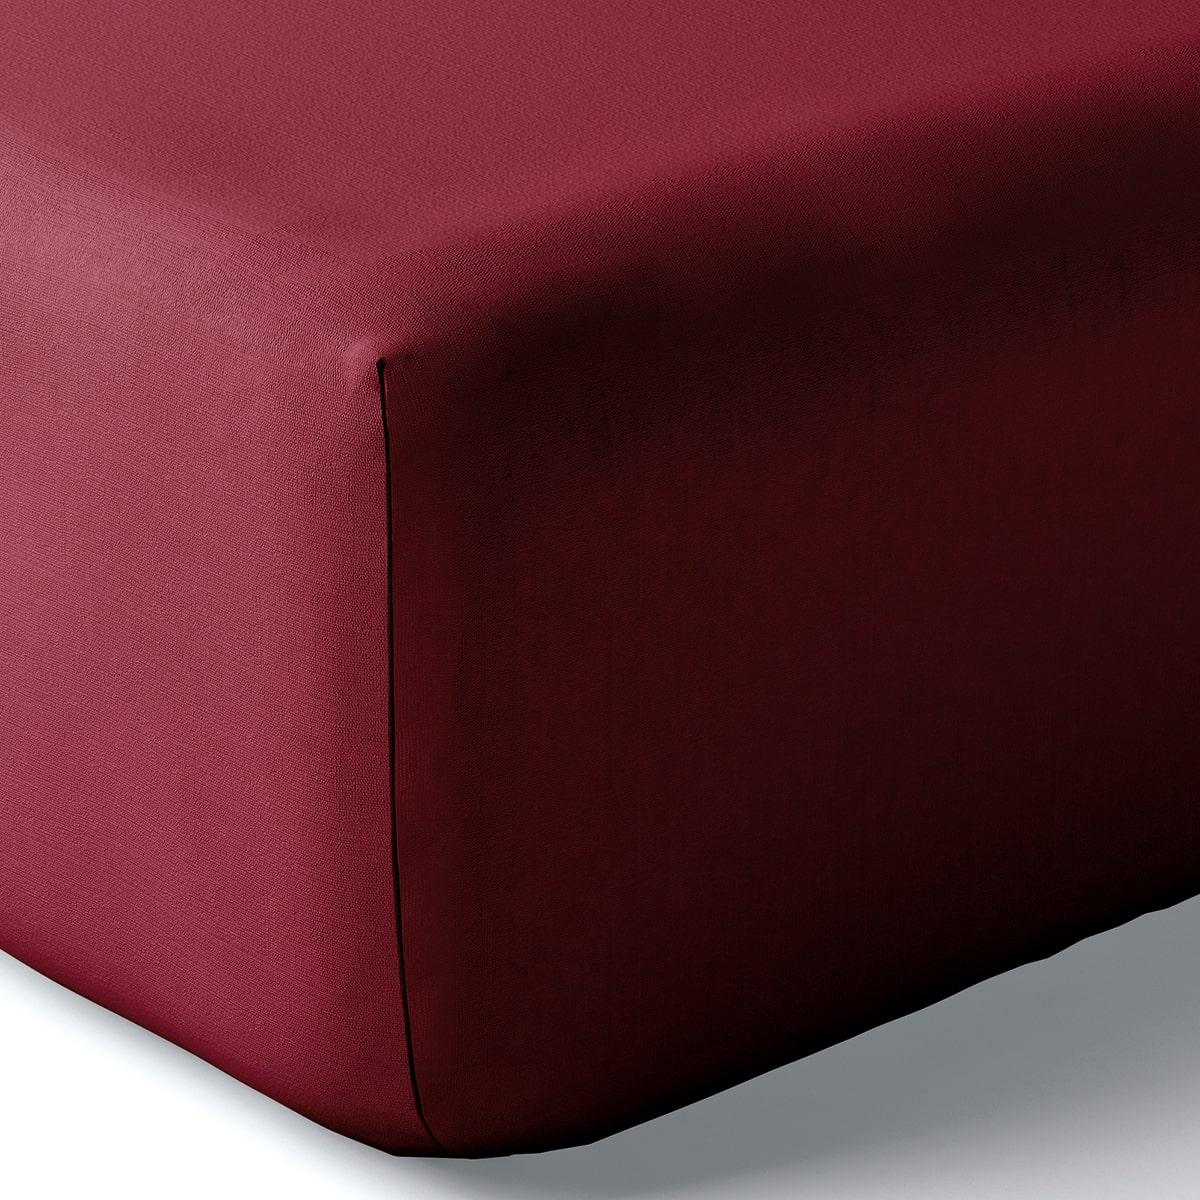 Drap housse coton 160x200 cm bourgogne